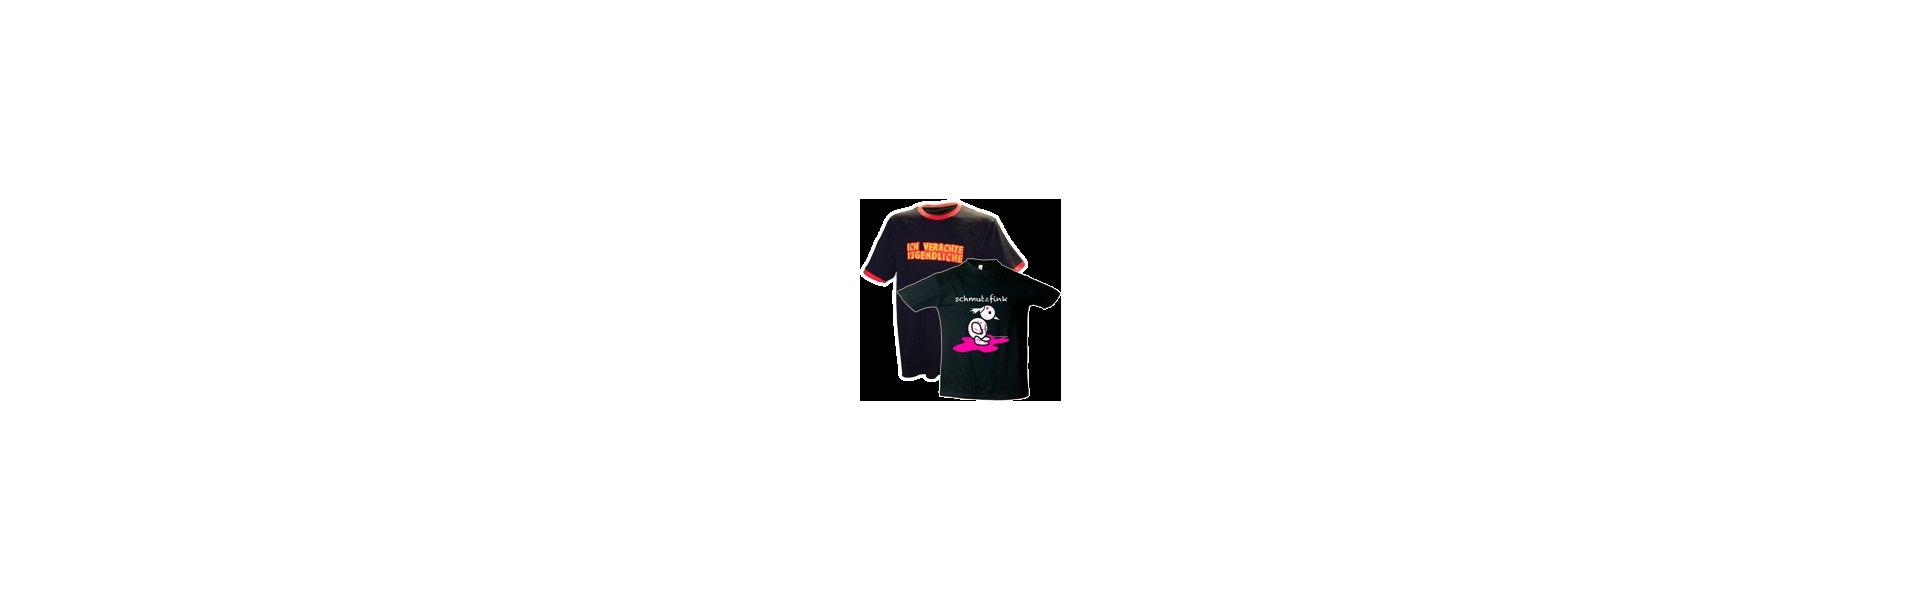 Merchandise & Music